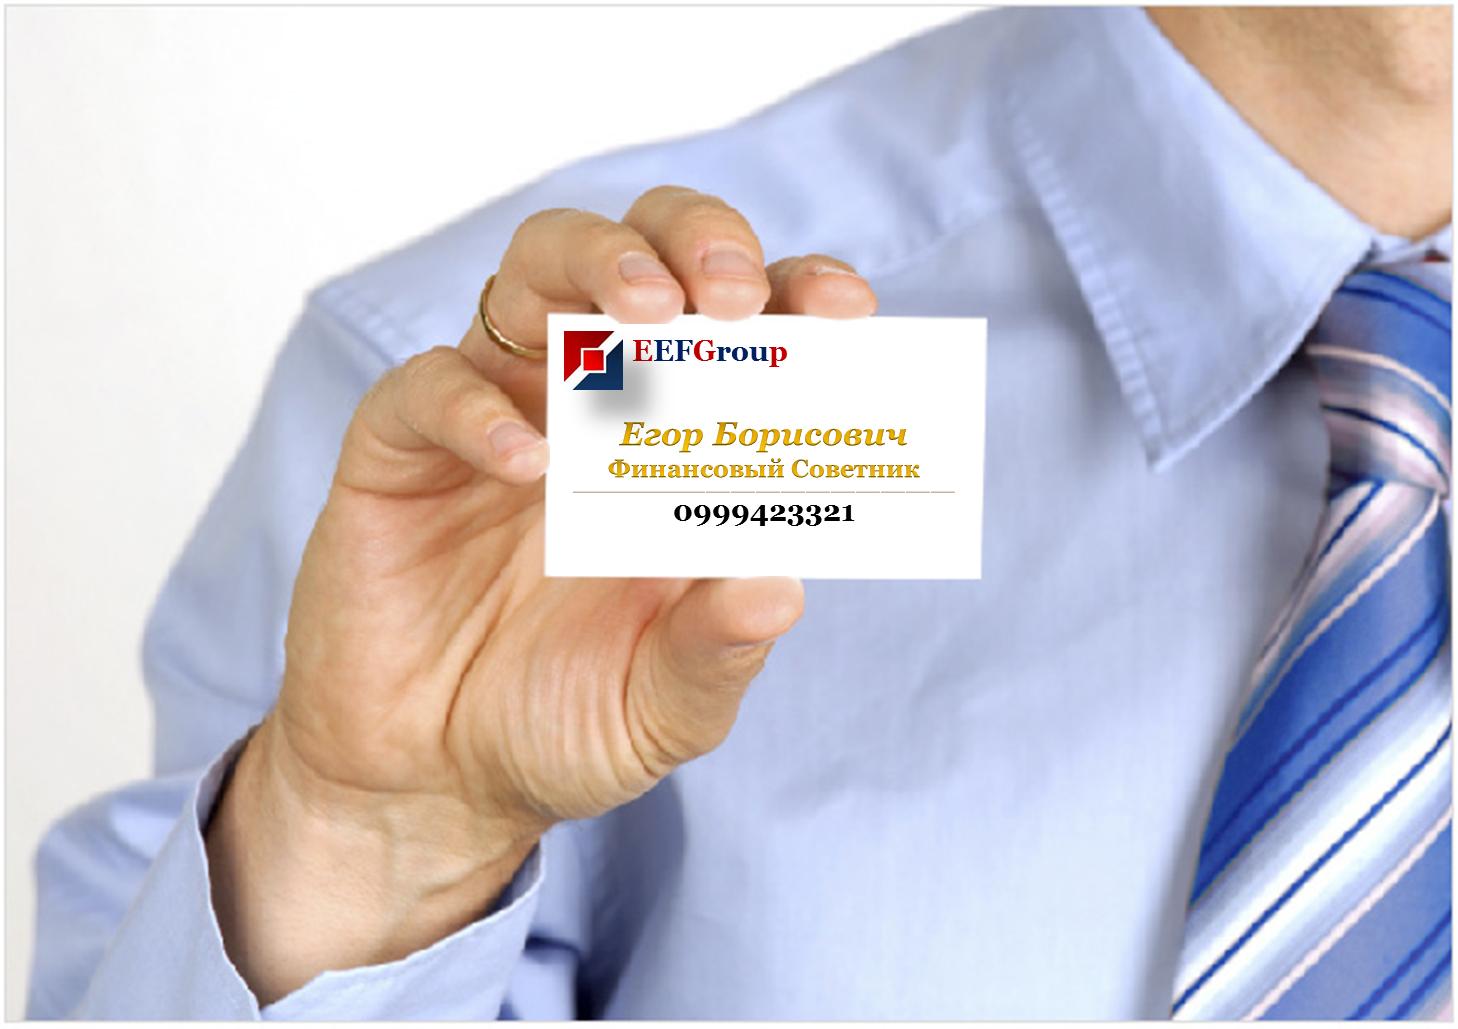 Кредит безработным: как взять, какие банки дают, Полезные советы, Полезные советы